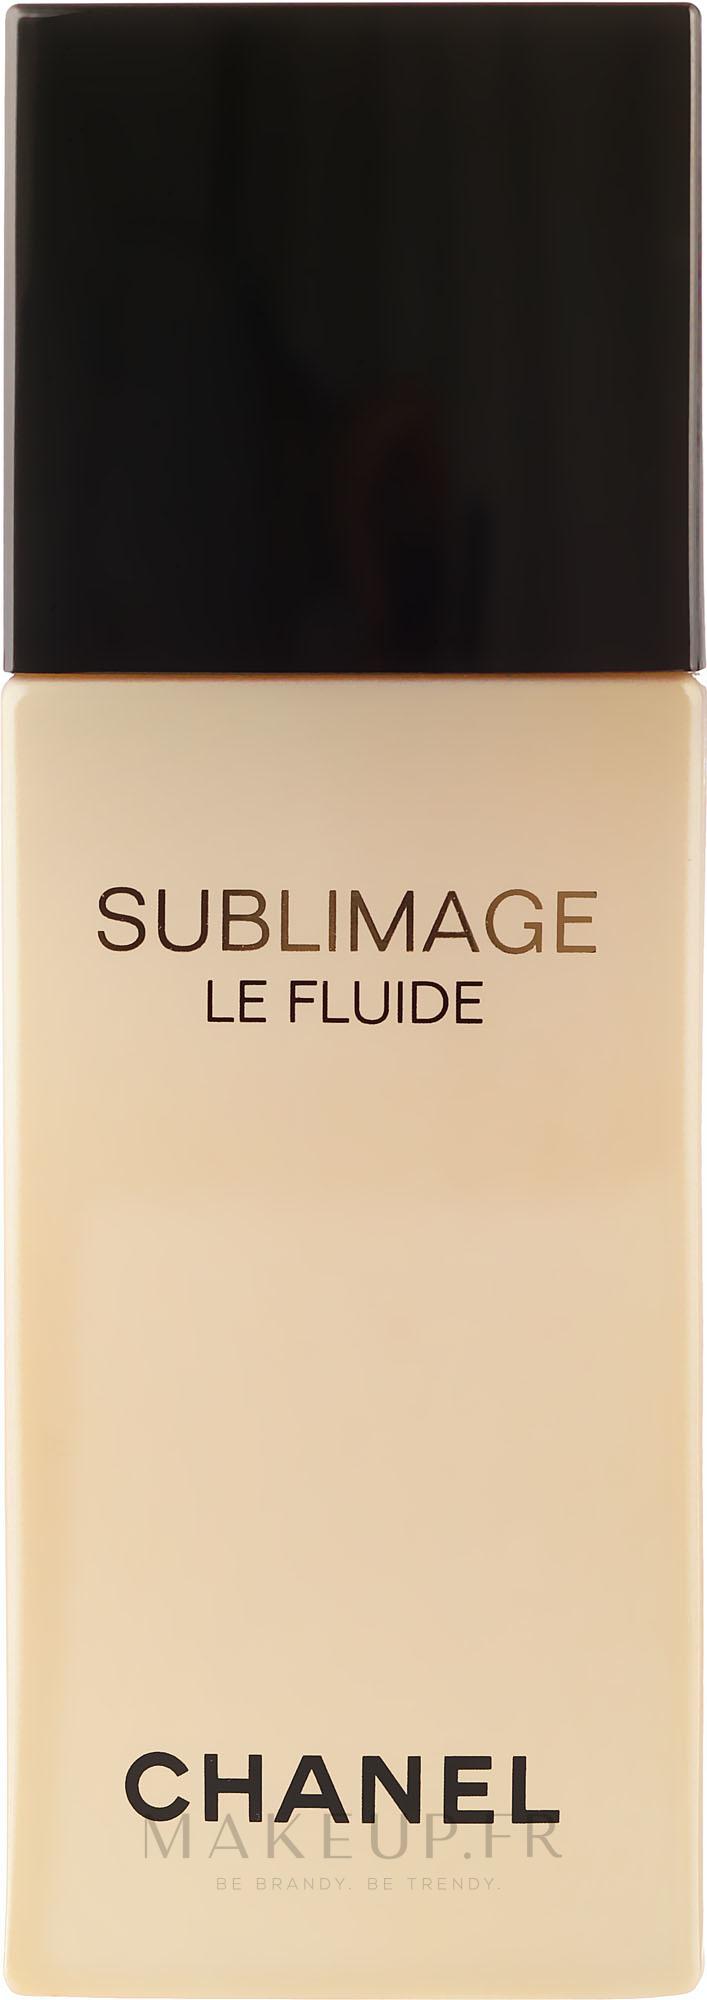 Fluide régénérant à l'huile de colza pour visage et cou - Chanel Sublimage Le Fluide Ultimate Skin Regenerating — Photo 50 ml